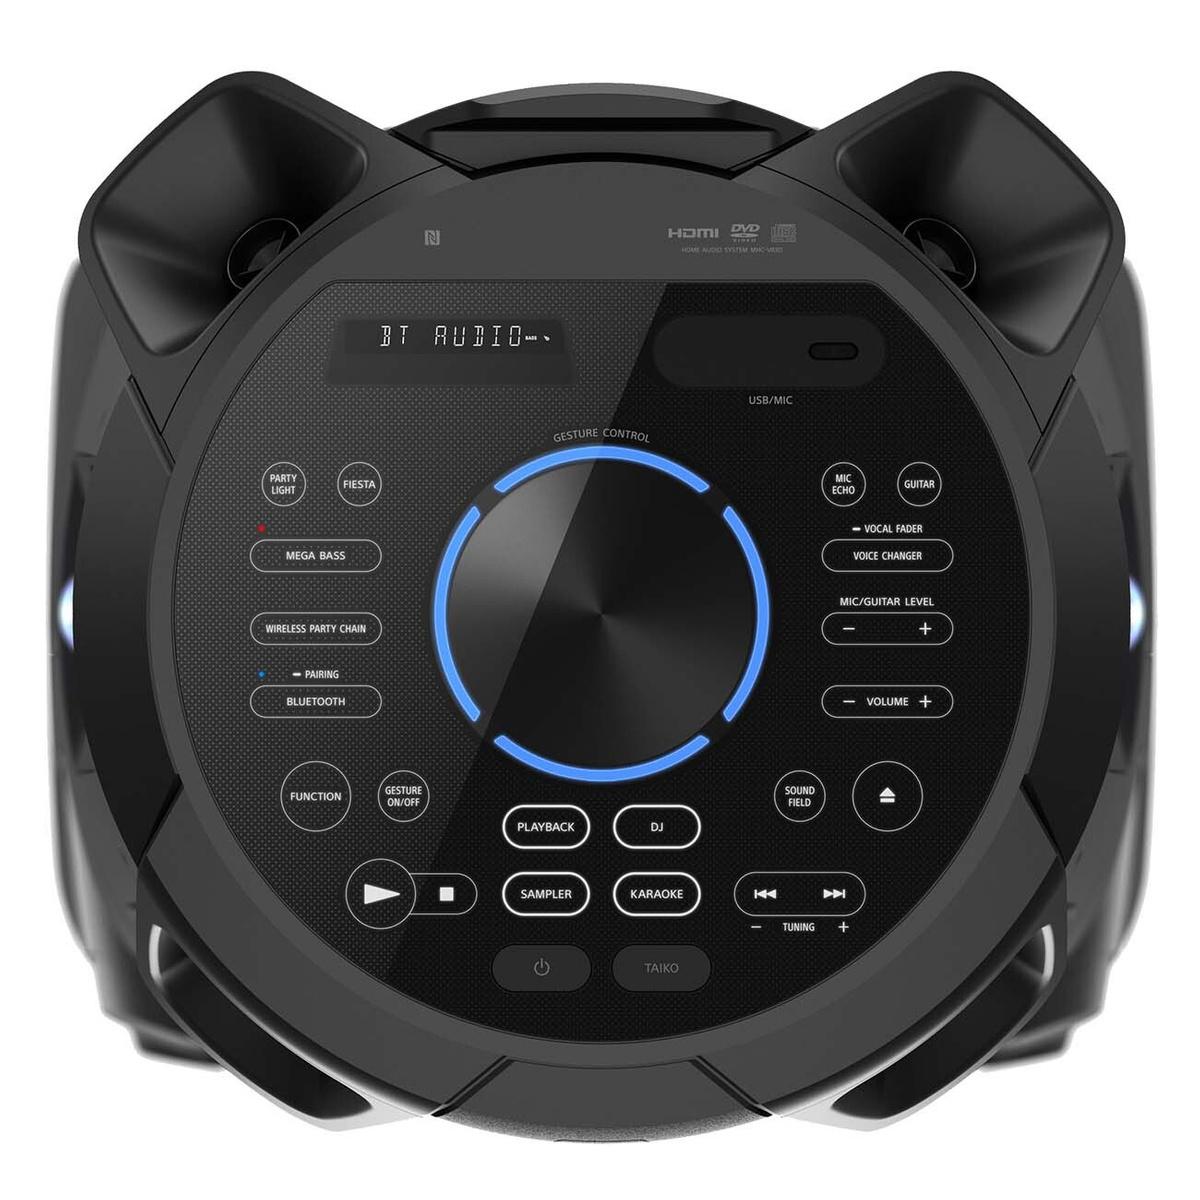 Панель управления аудиосистемой Sony MHC-V83D